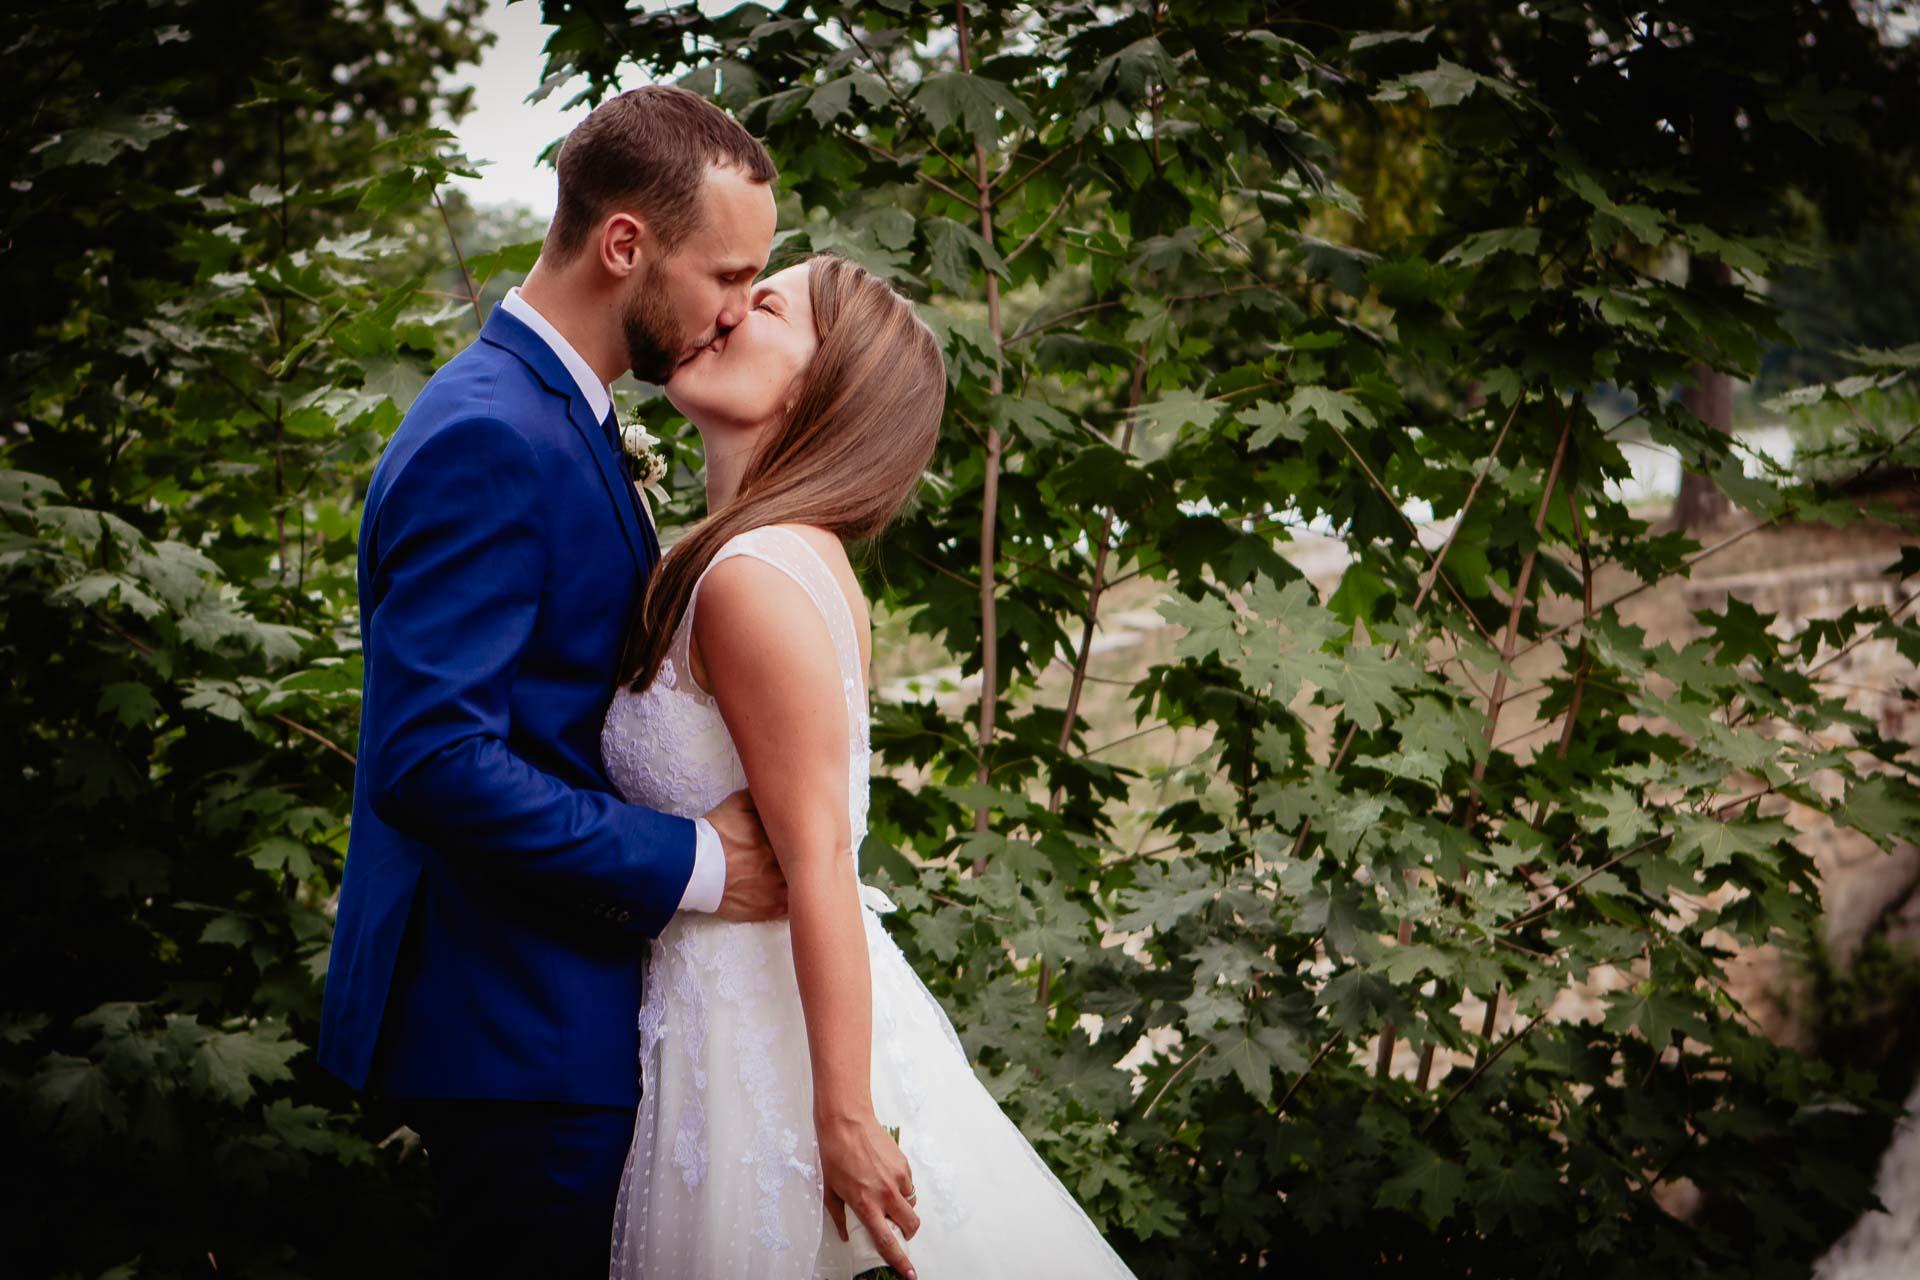 svatební-fotograf-dolní-počernice-svatební-fotograf-Zámecký-park-Dolní-Počernice-112